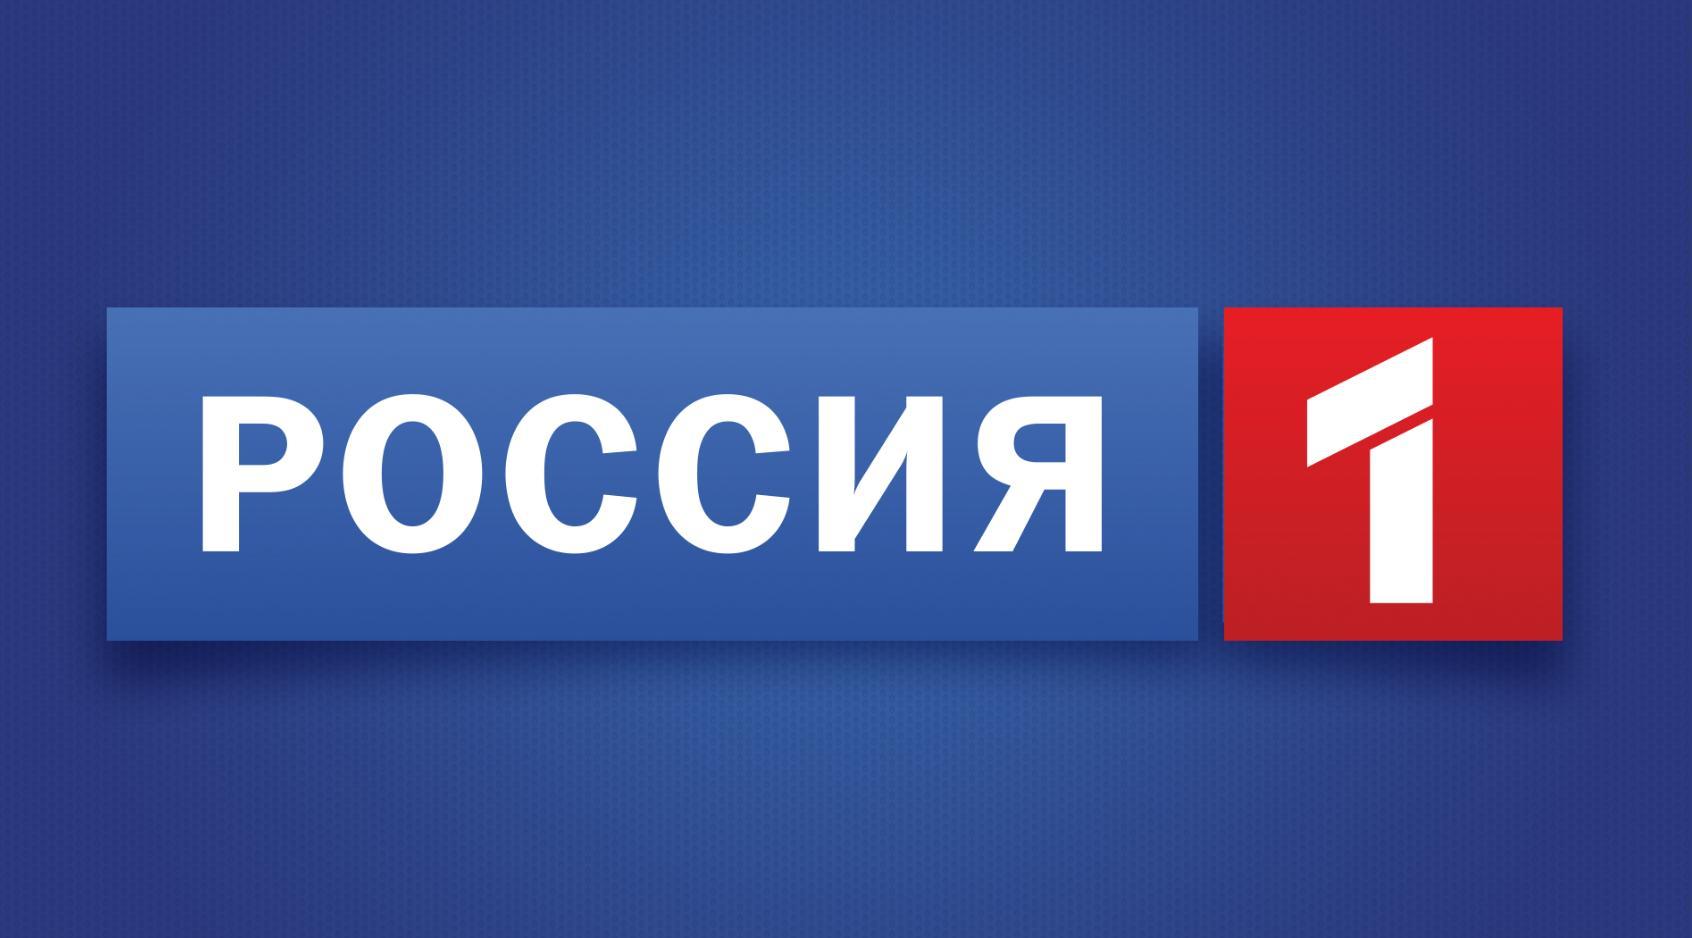 Программа передач ртр россия 1 на сегодня